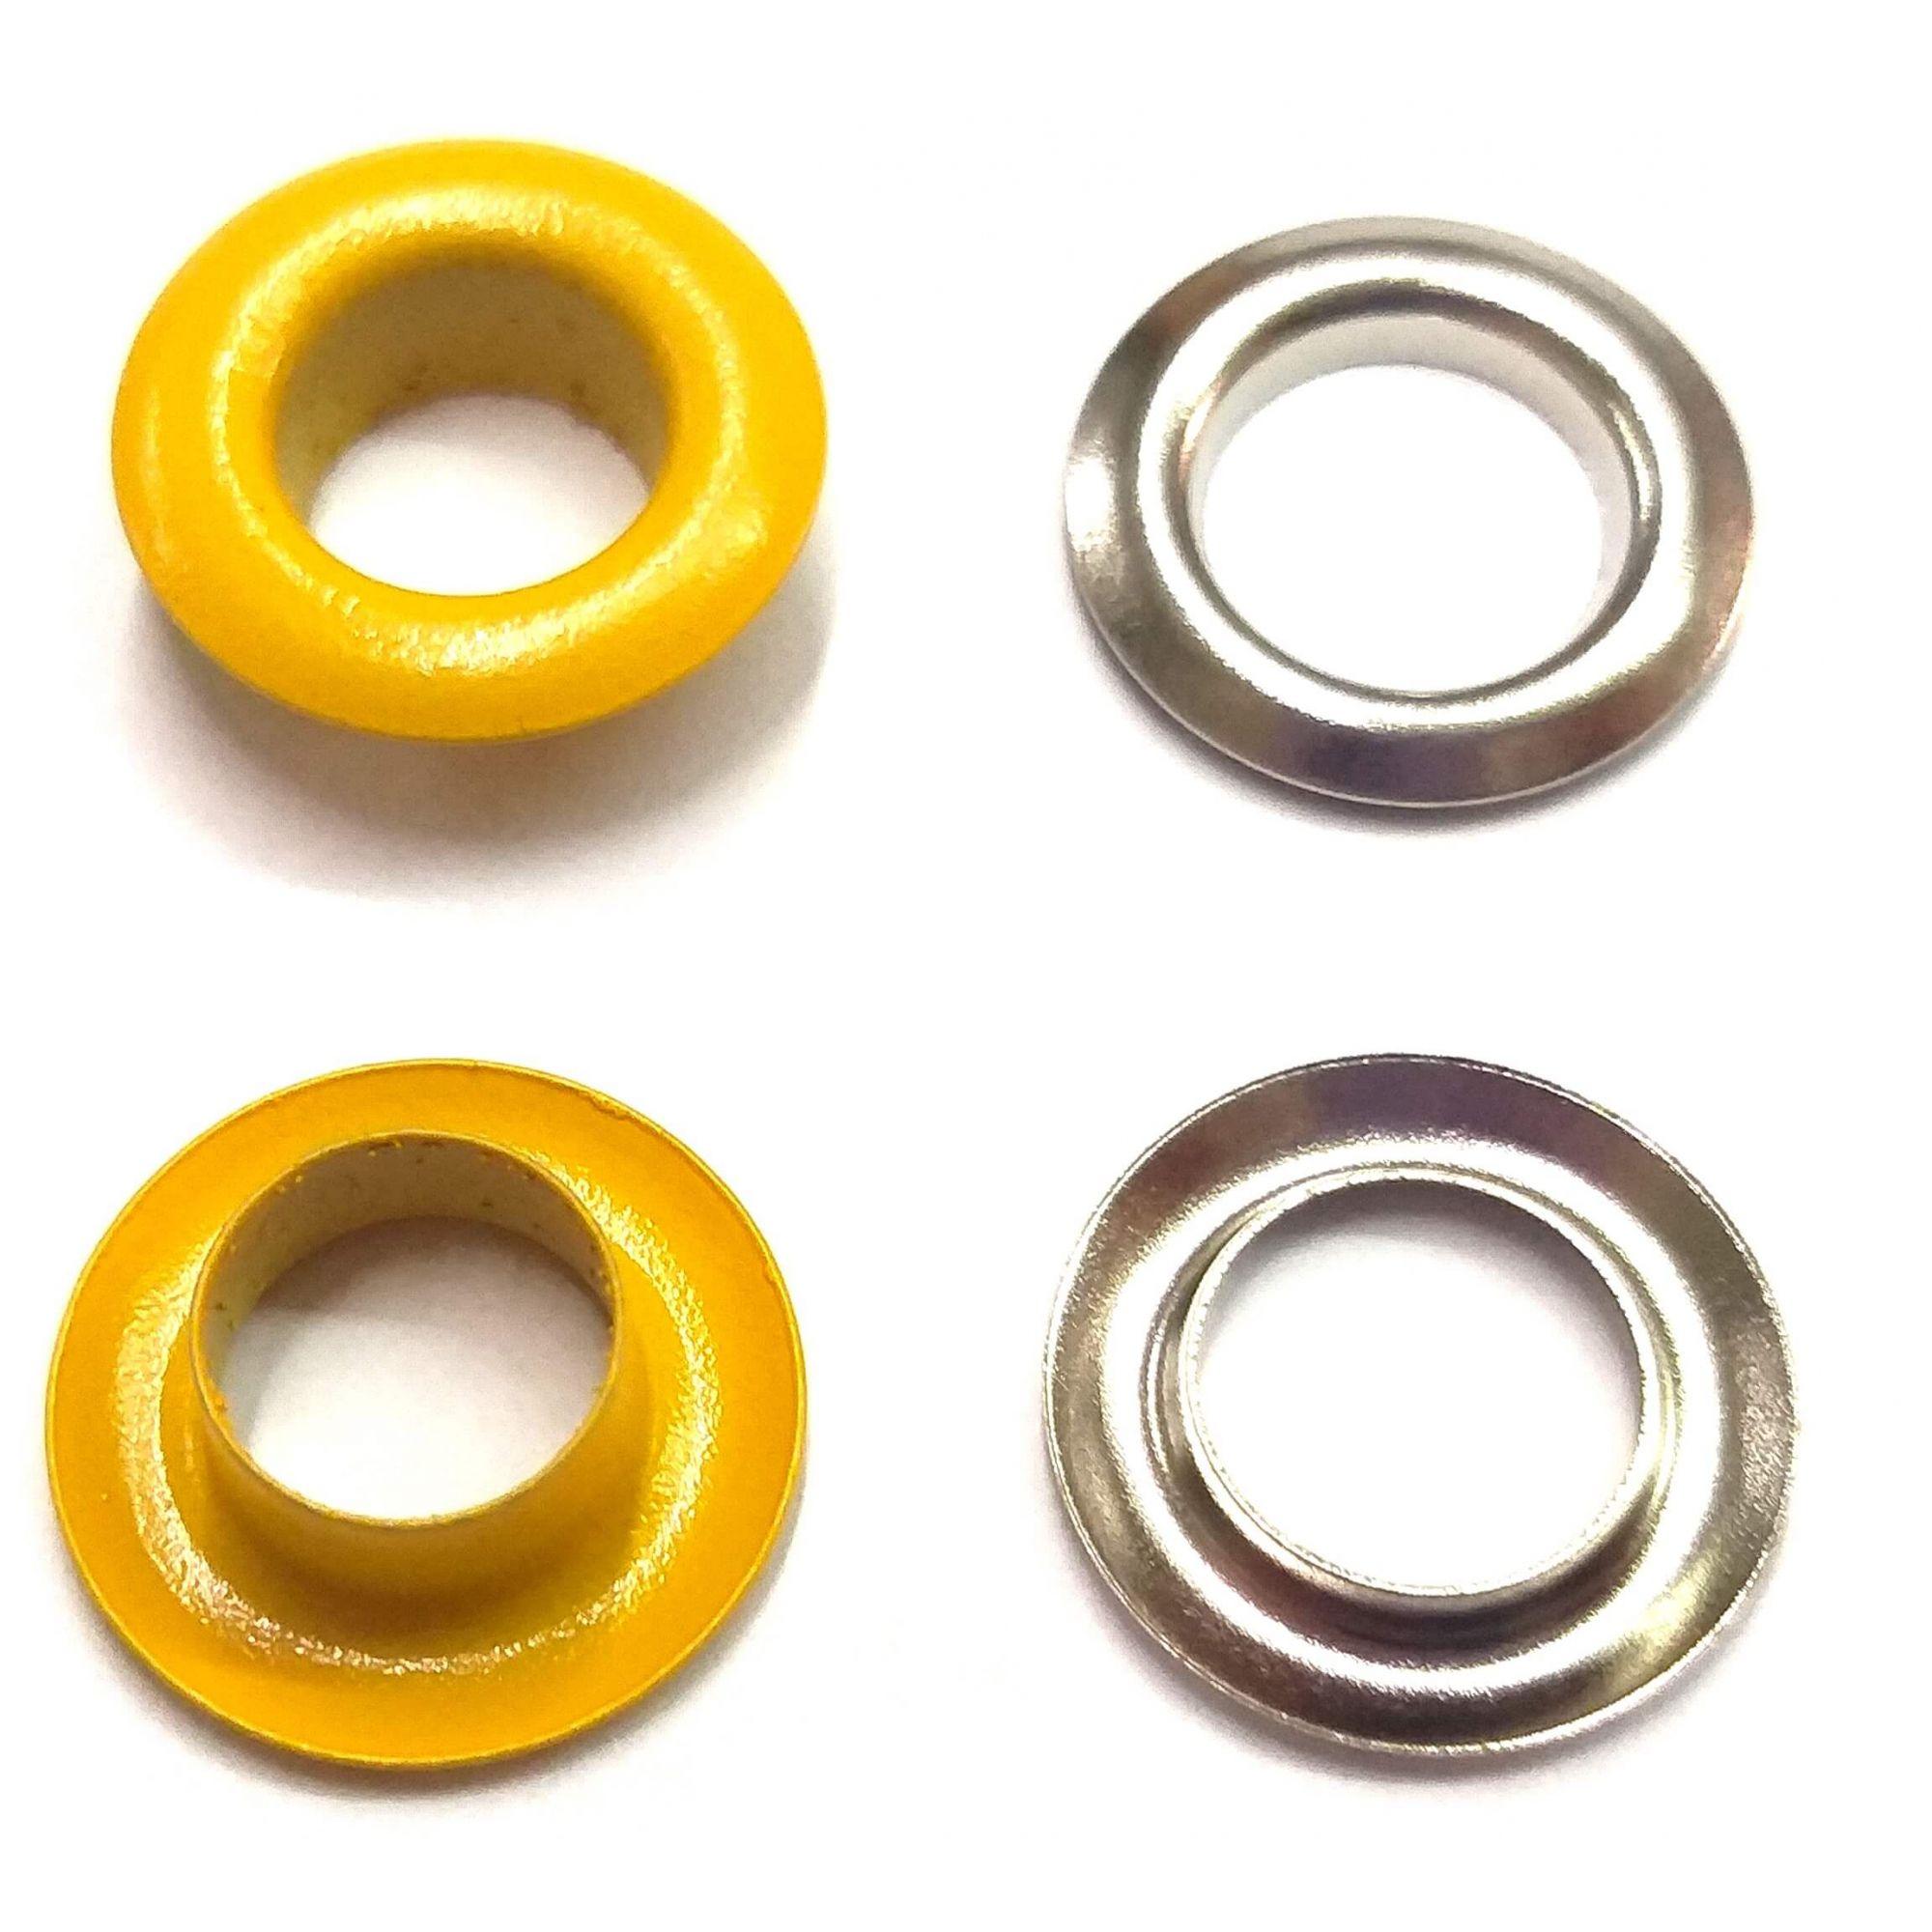 Ilhós com Arruela Ferro Nº 45 - 15mm de diâmetro externo - Diversas Cores